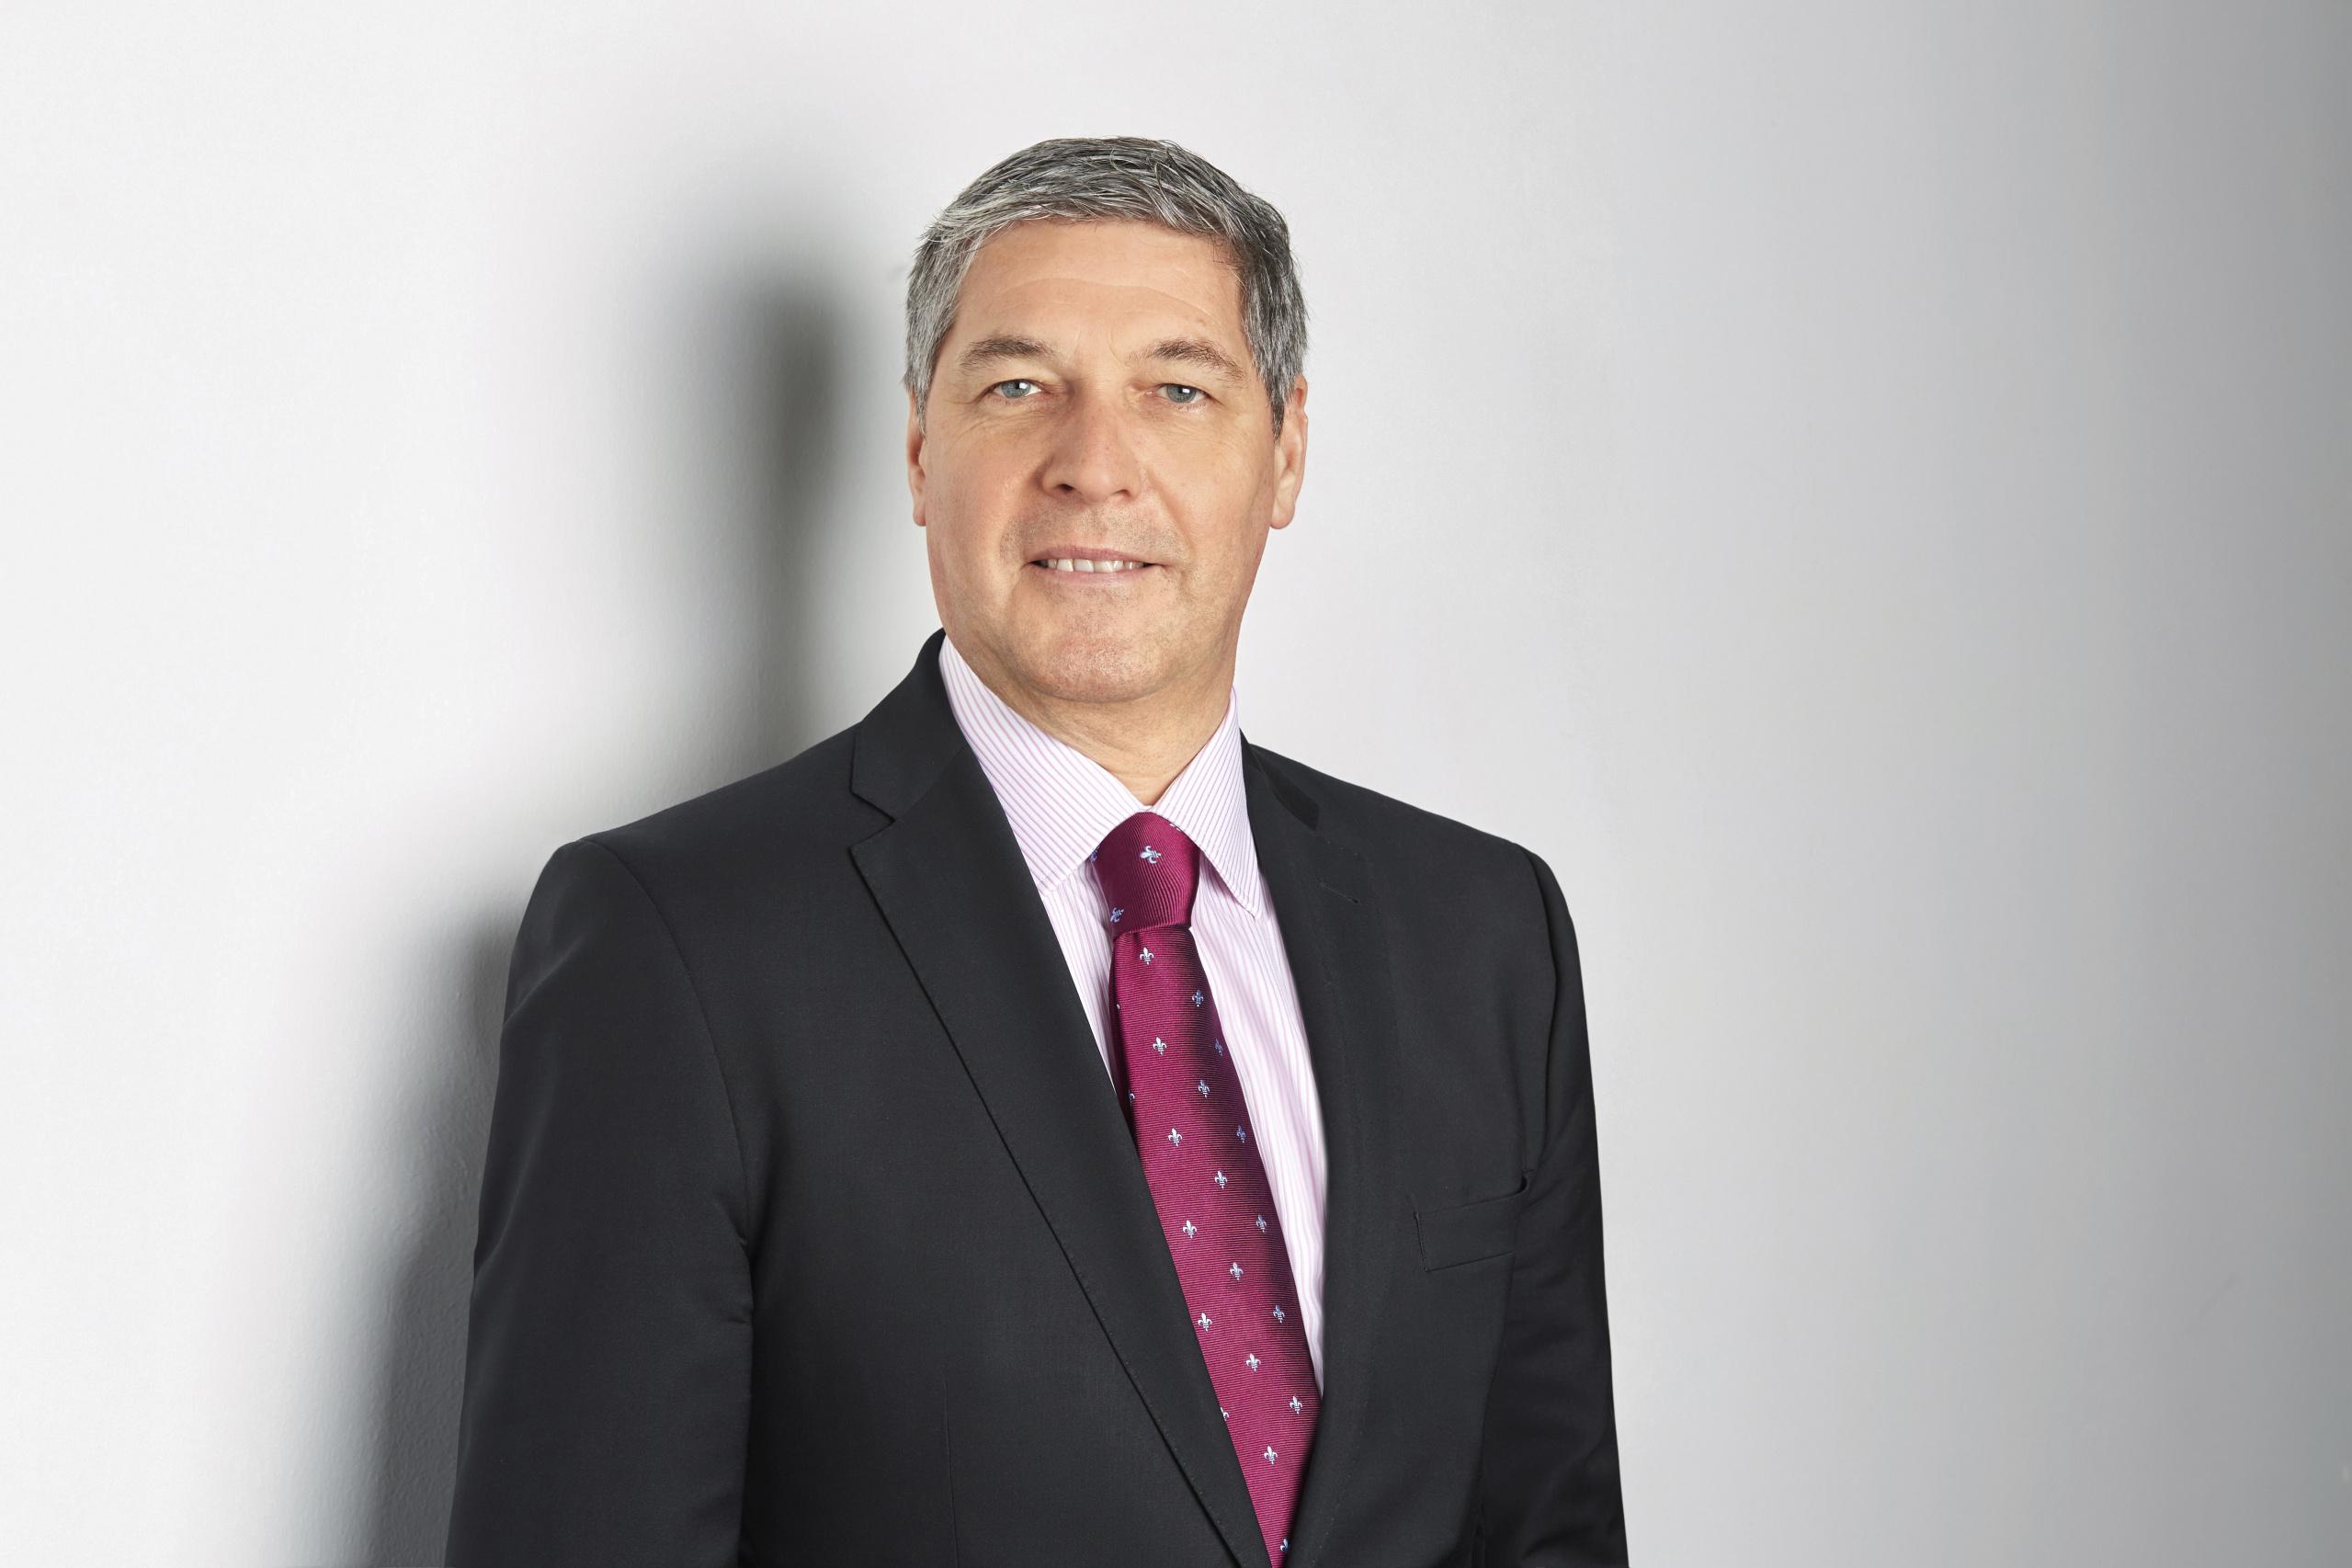 Martin Spilker